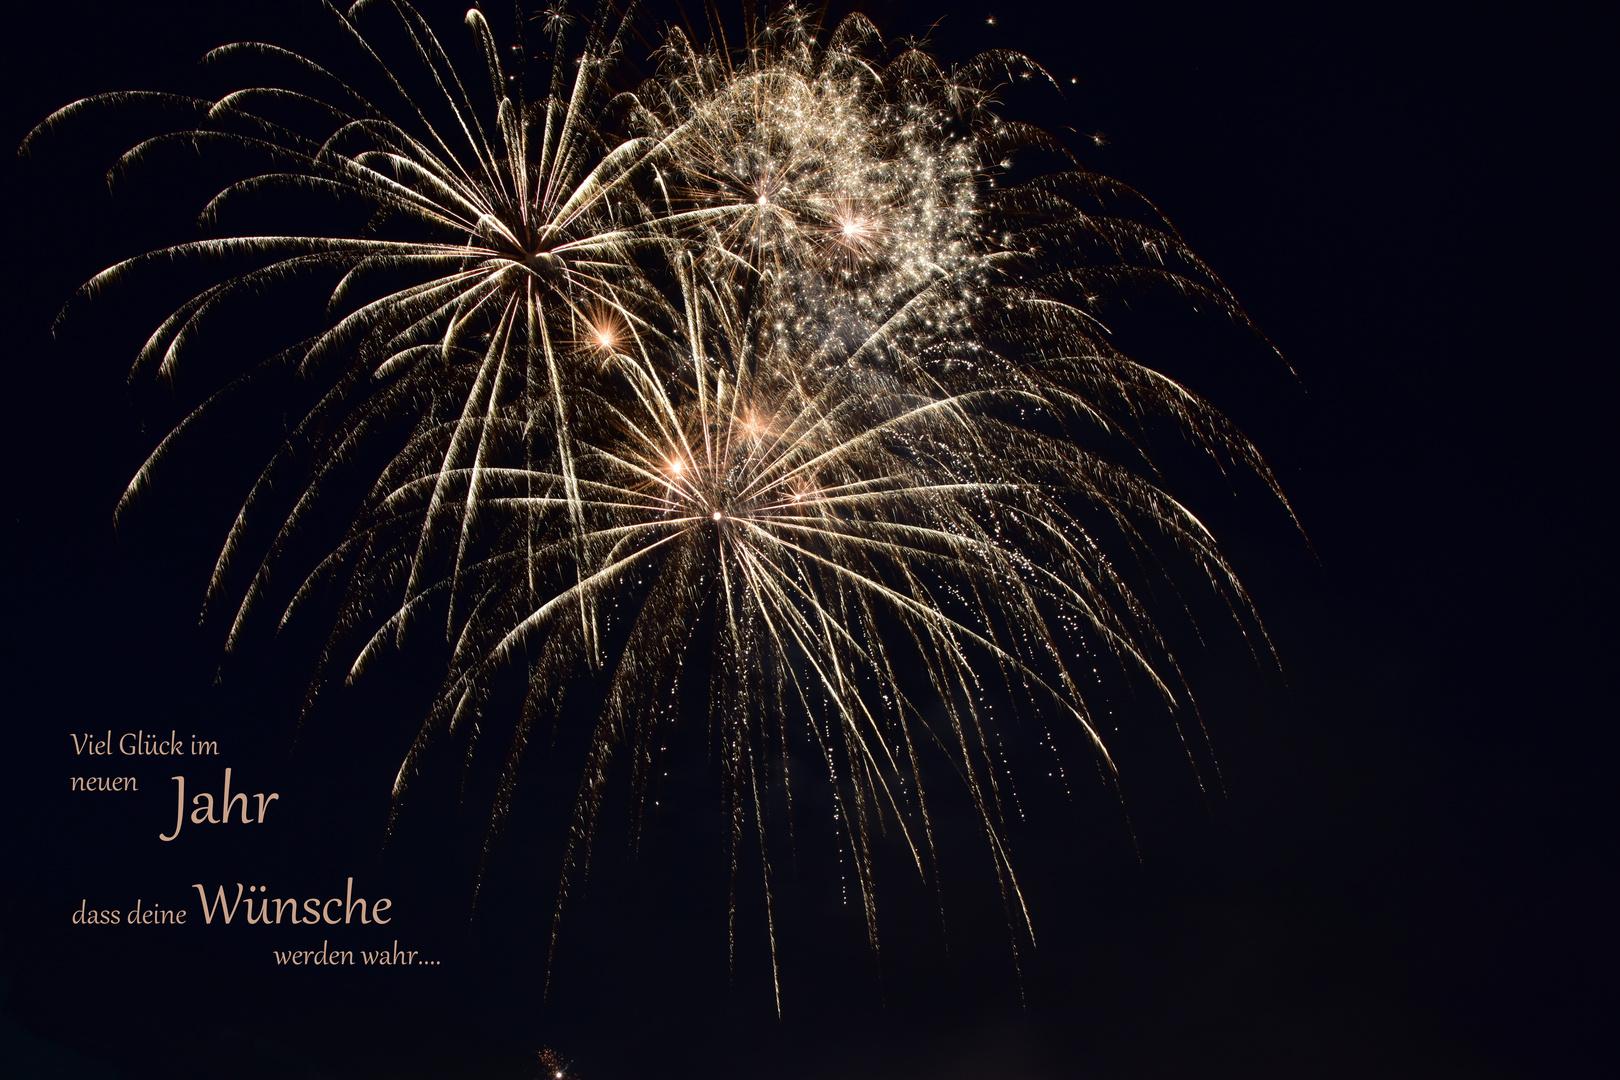 Frohes neues Jahr Foto & Bild | karten und kalender, neujahrswünsche ...